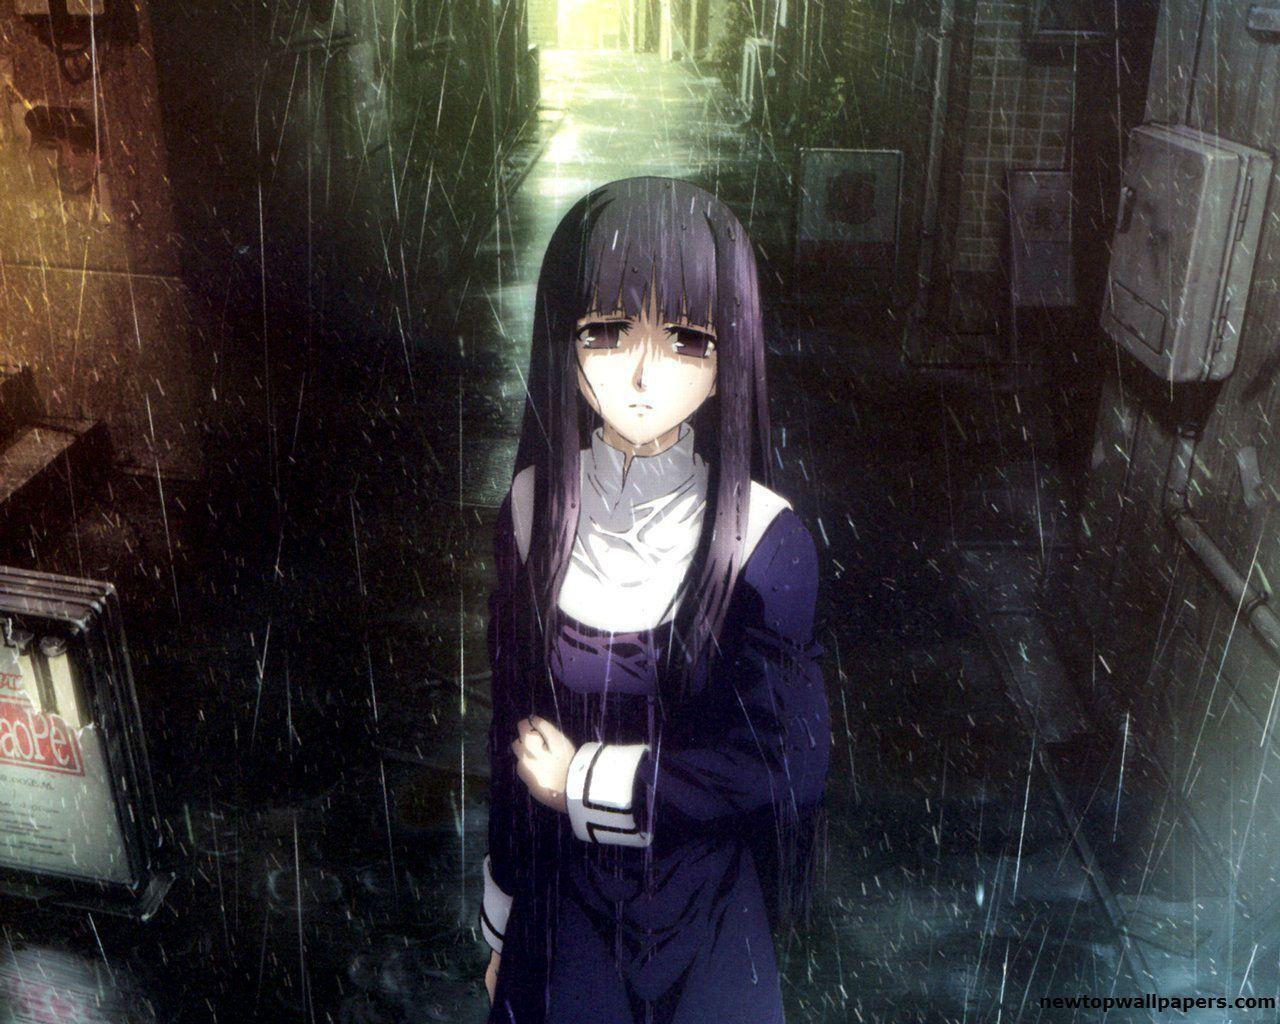 Rain Girl Sad Anime Wallpapers - Top Free Rain Girl Sad ...